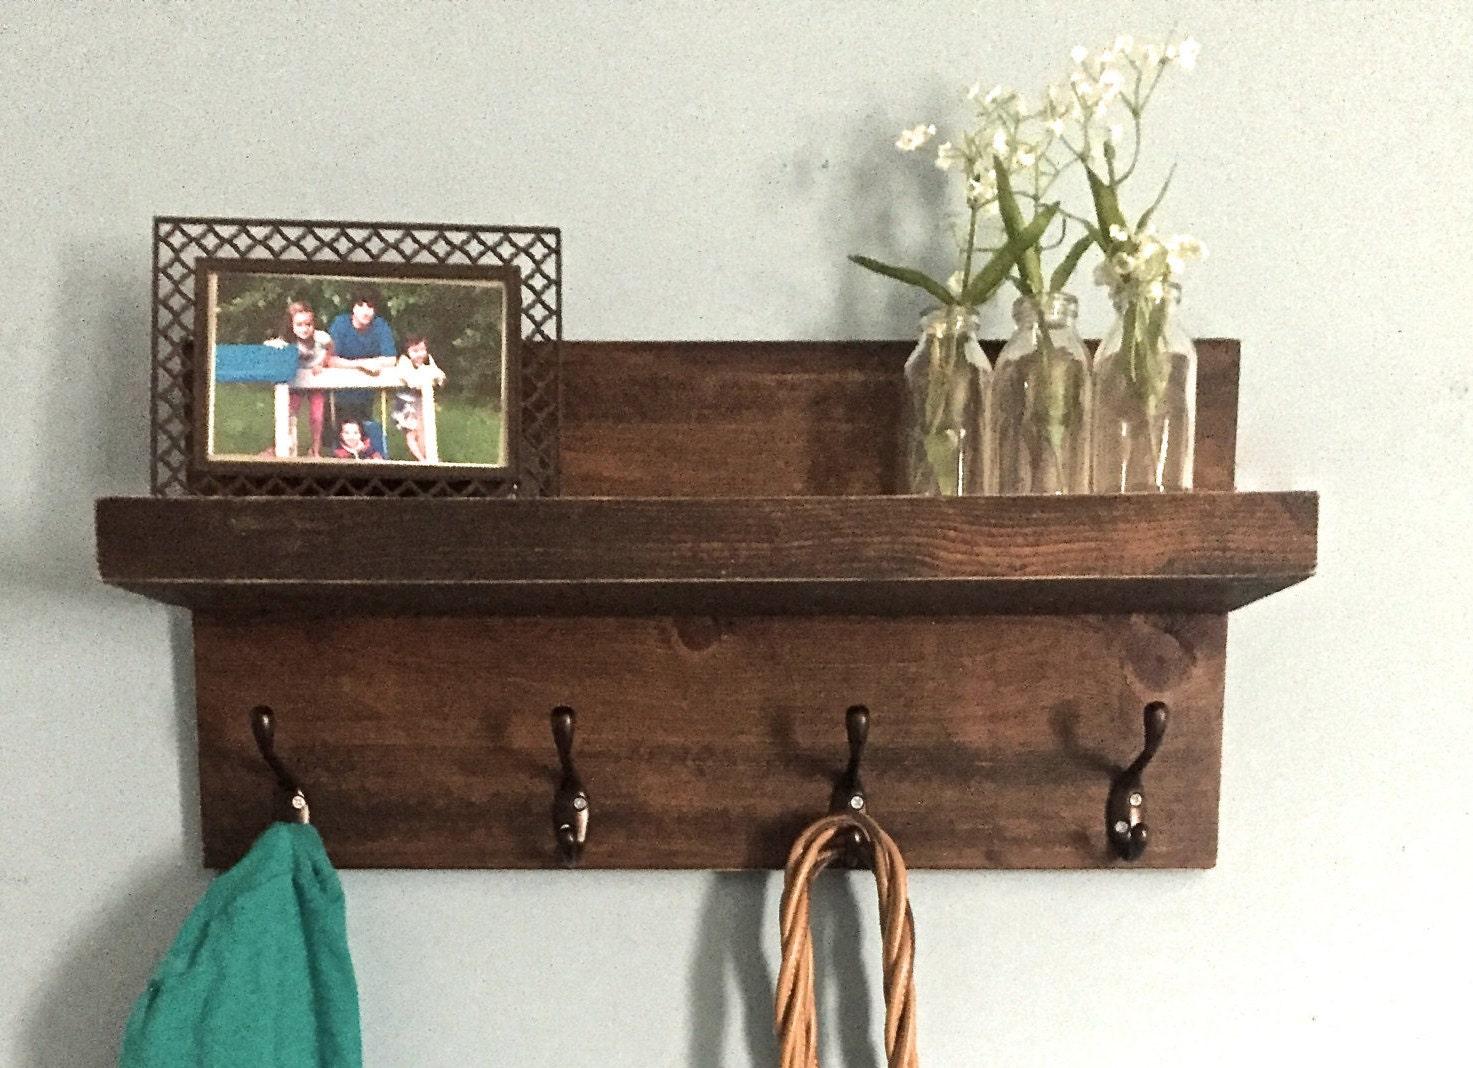 entryway shelf shelf with hooks coat rack key holder. Black Bedroom Furniture Sets. Home Design Ideas